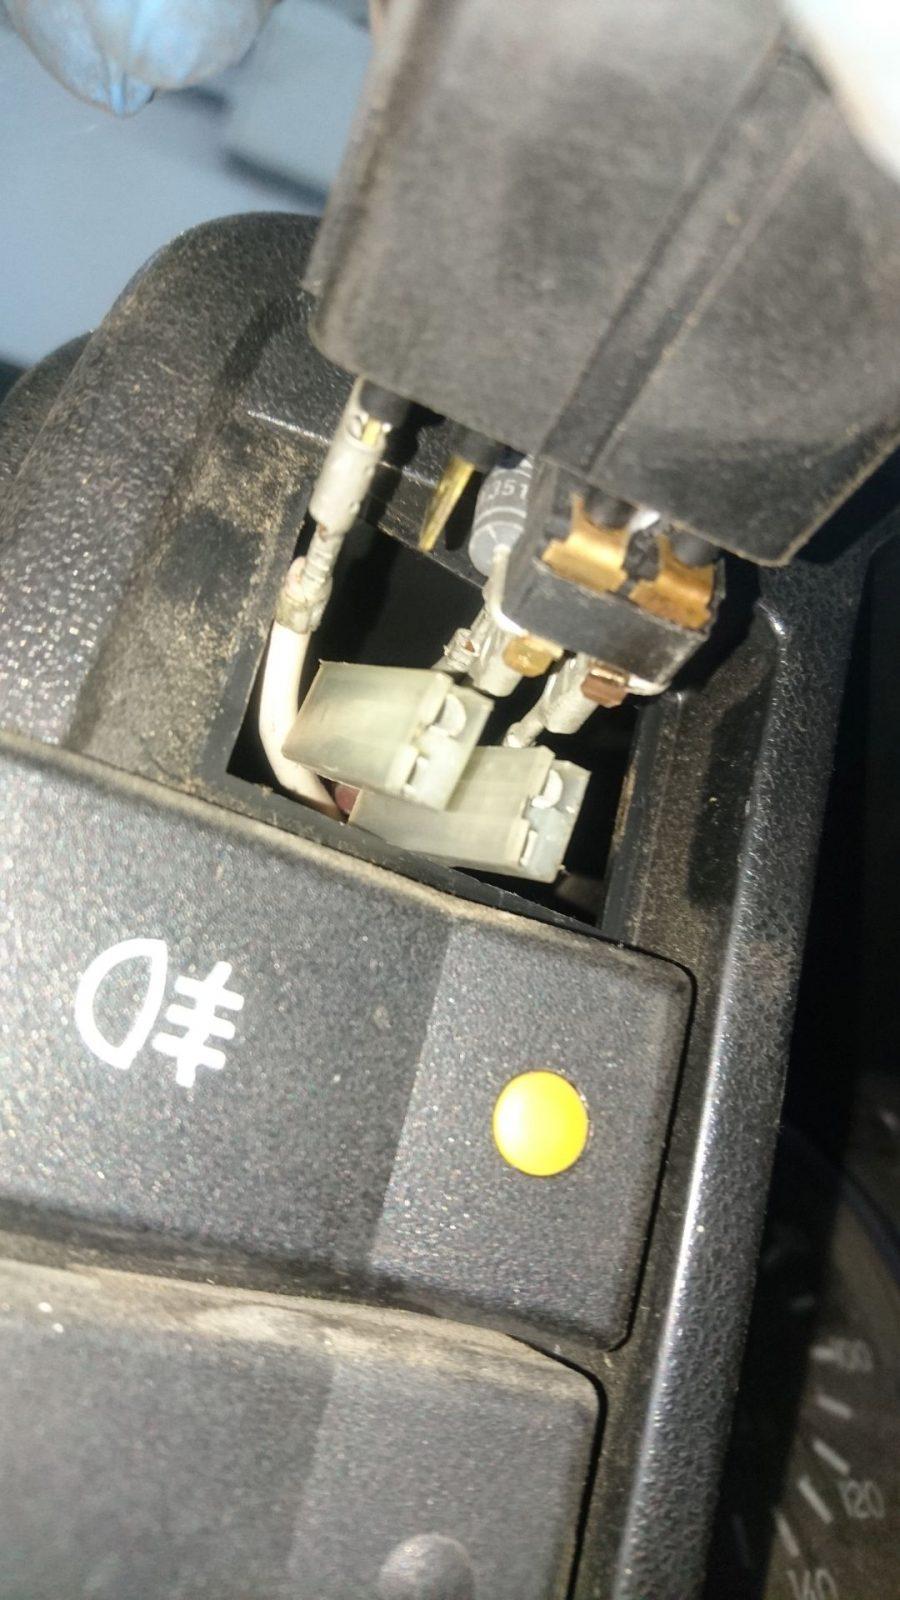 Die Unterseite vom Lichtschalter mit Anschlüssen und Kabelfarben. Leider sind gleich zwei Kabel beim Herausziehen abgerutscht.